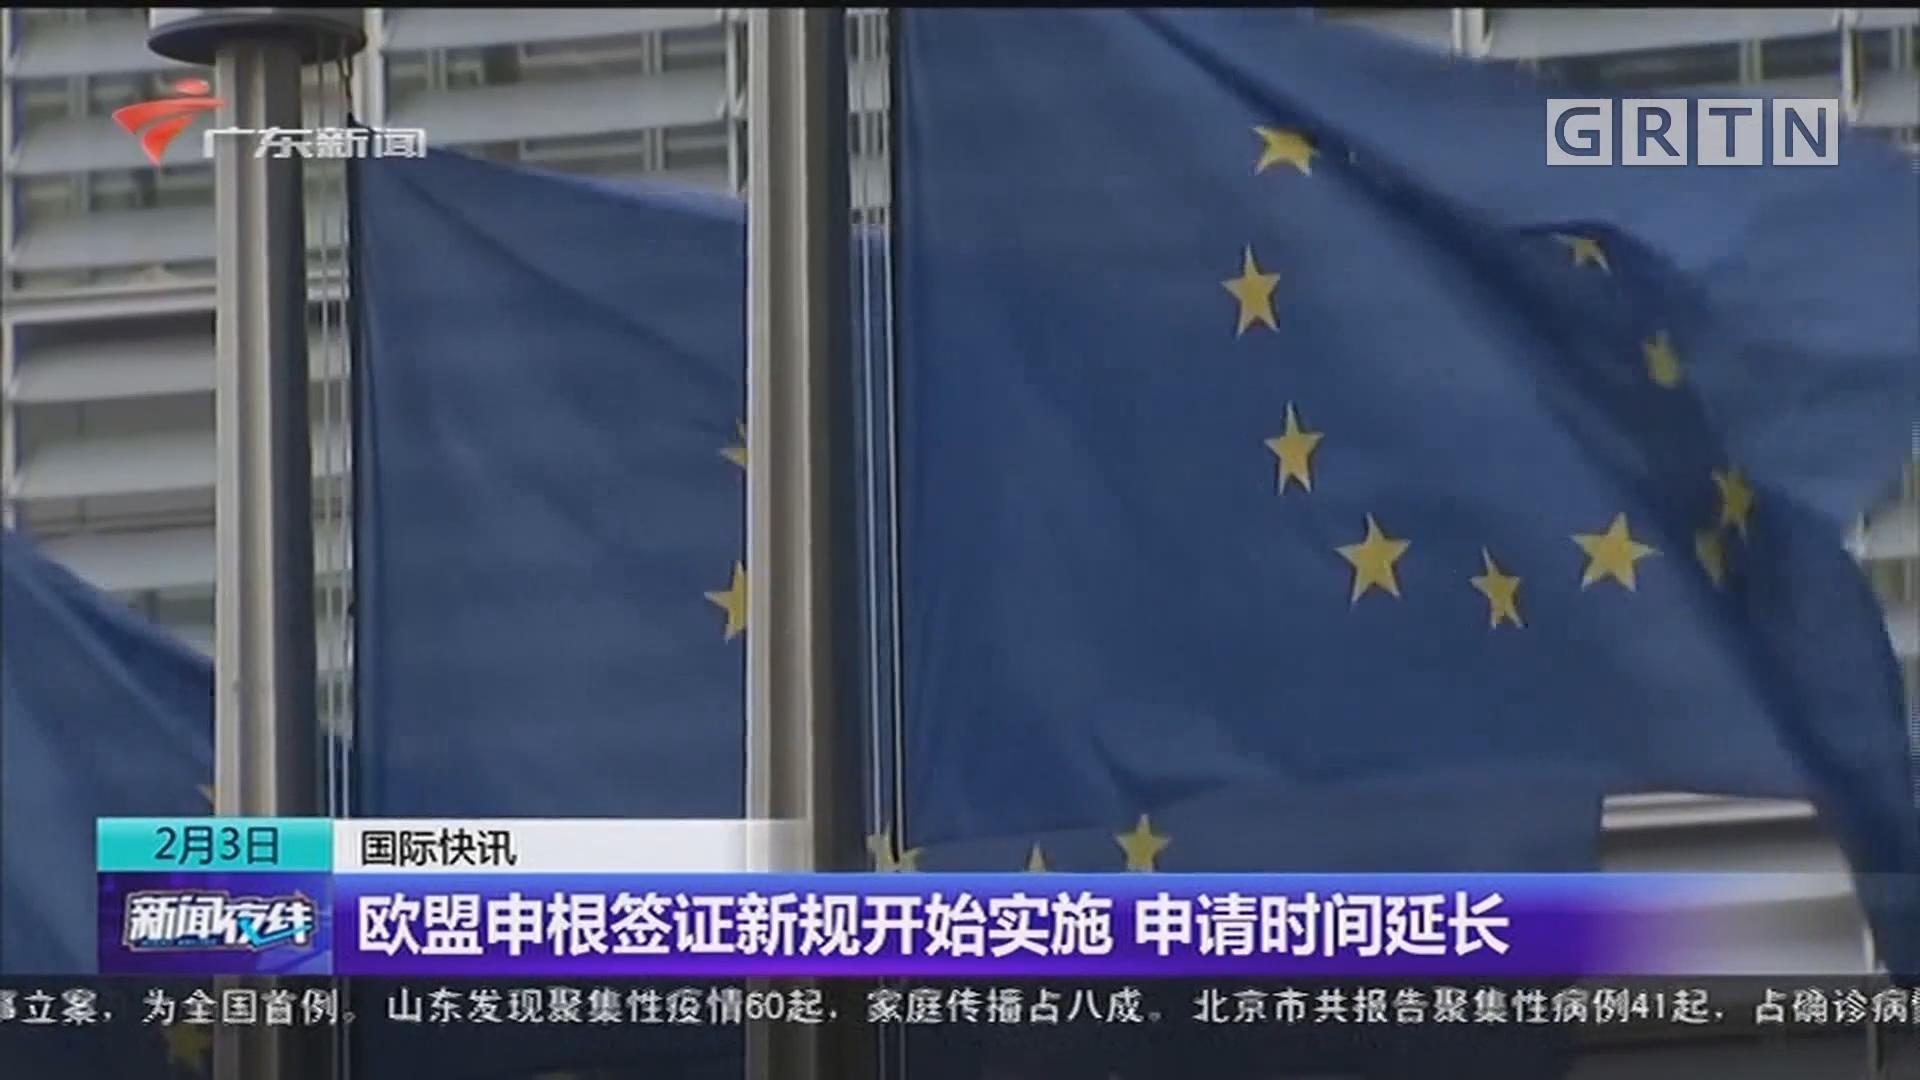 欧盟申根签证新规开始实施 申请时间延长